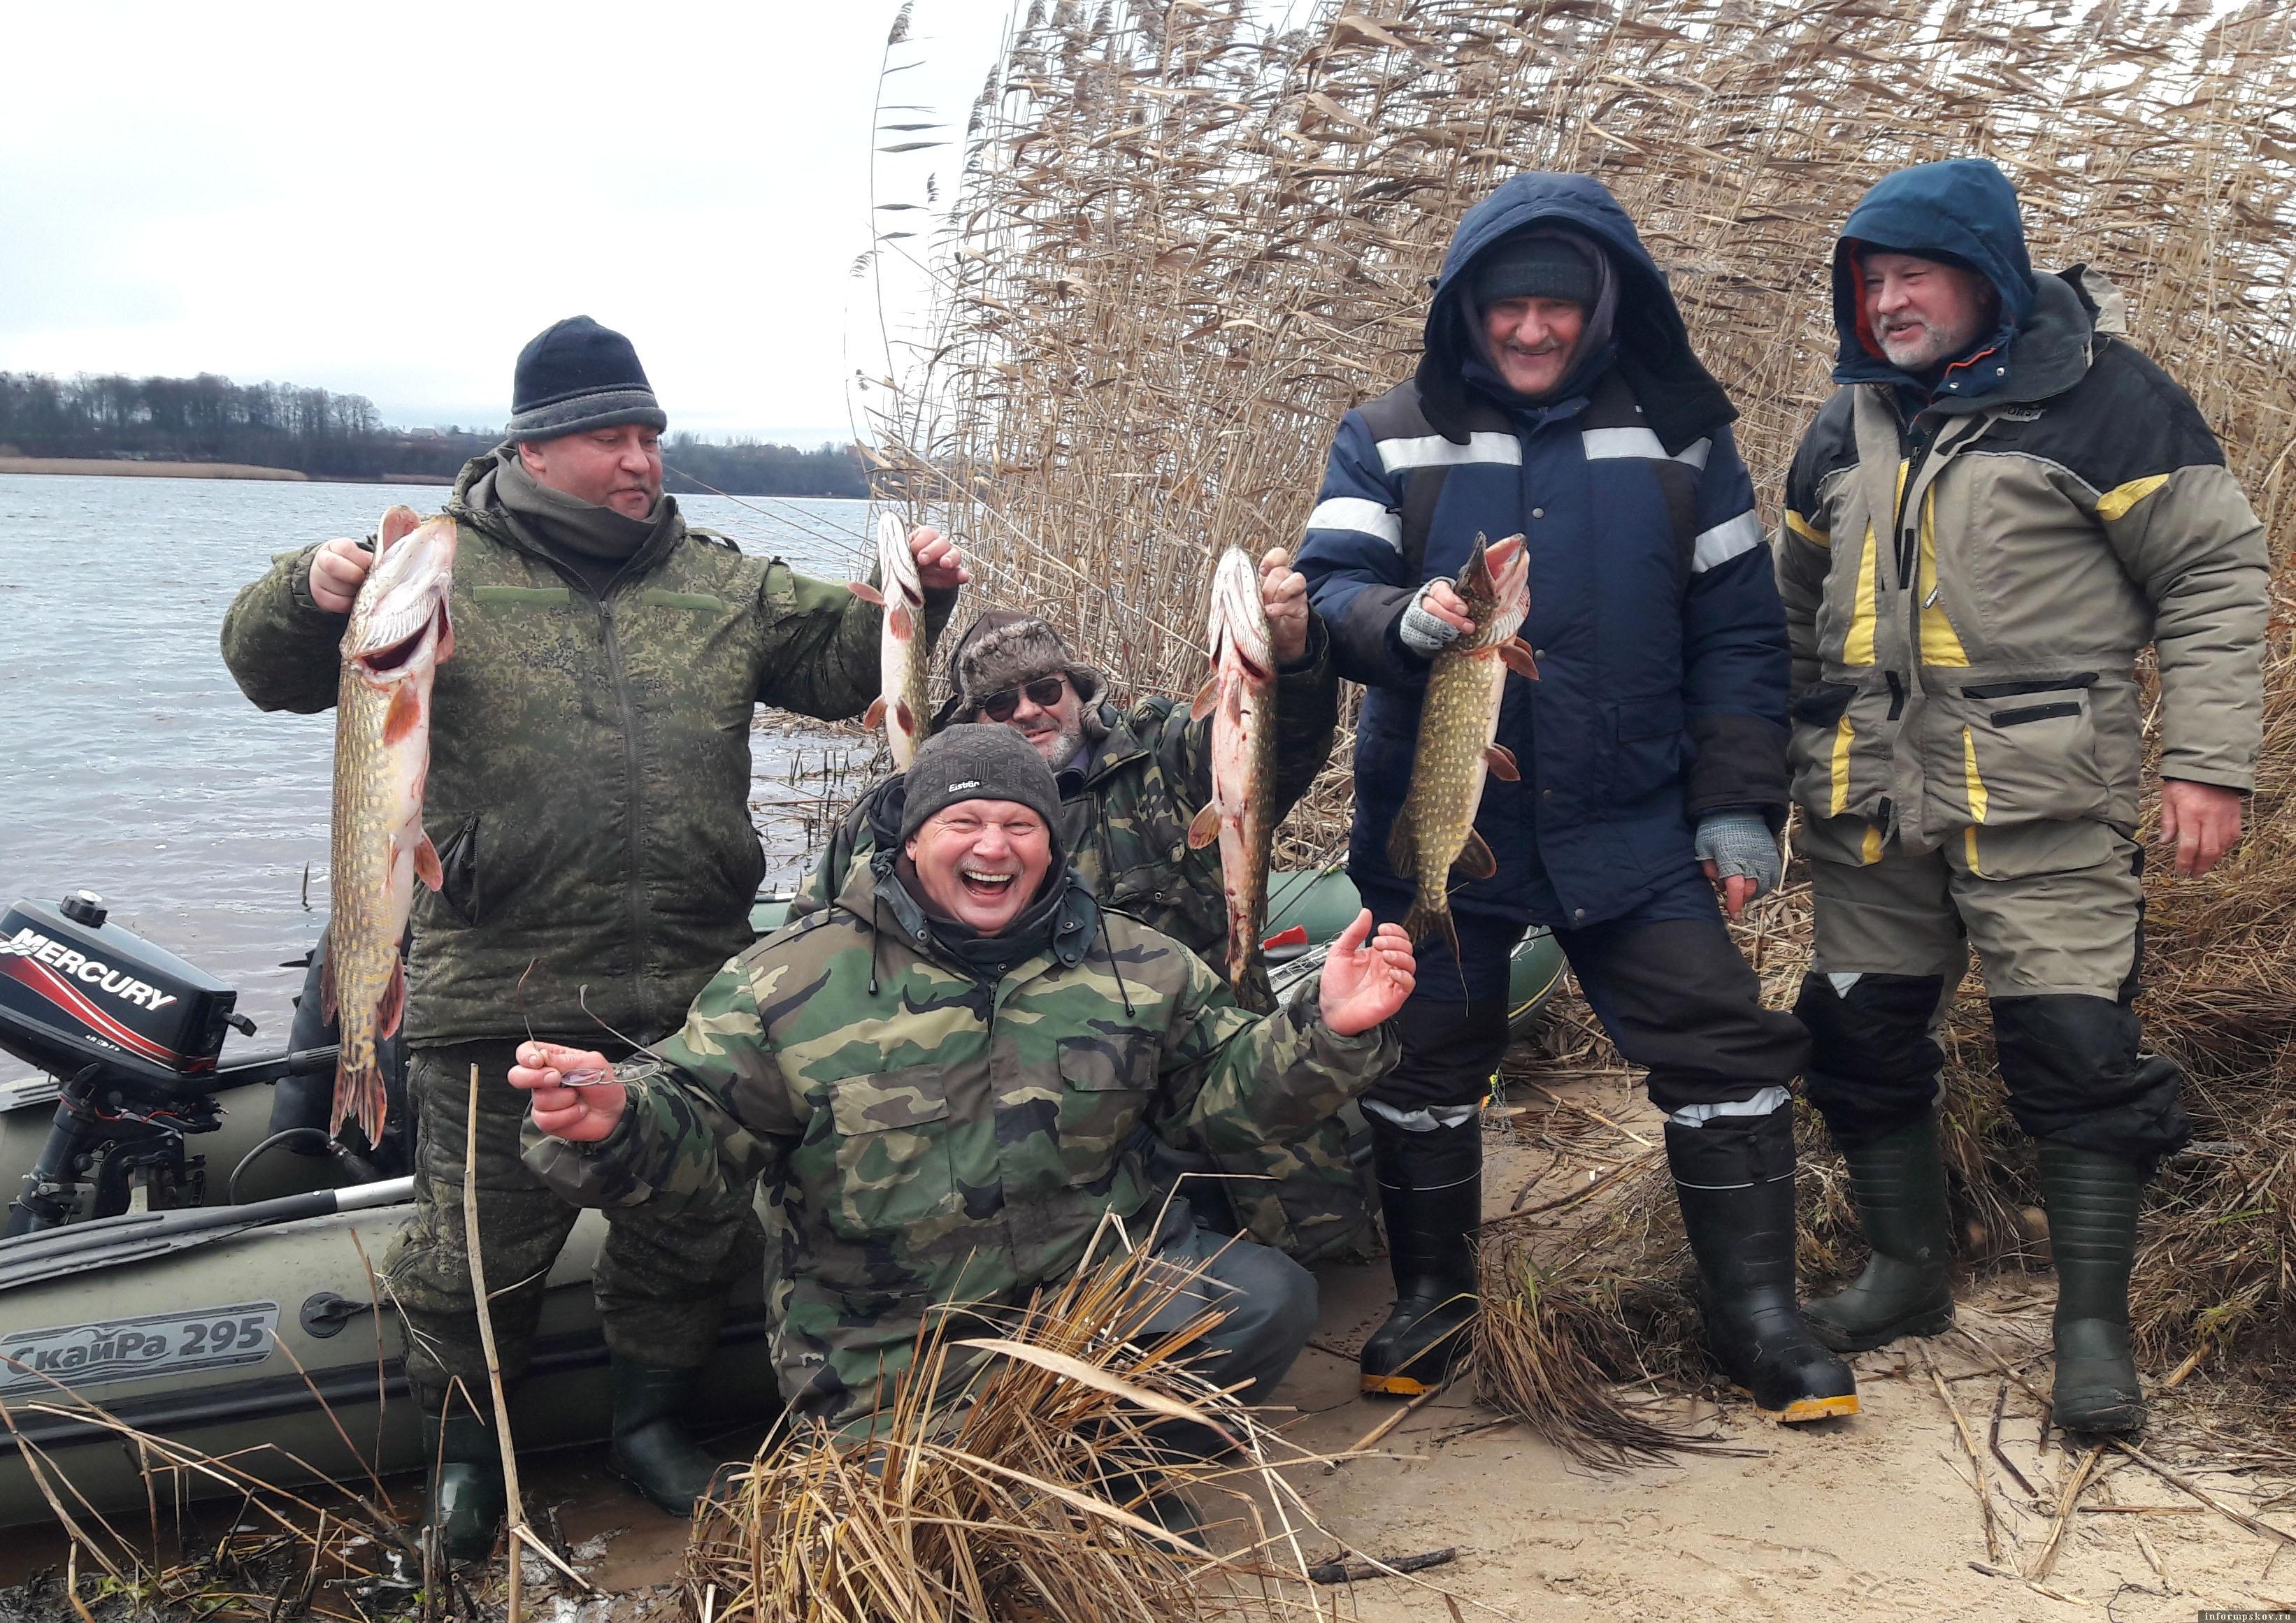 В воскресенье 15 ноября выдалась великолепная рыбалка на реке Великой. Хищник клевал на 6-ти метровой глубине. Фото автора.